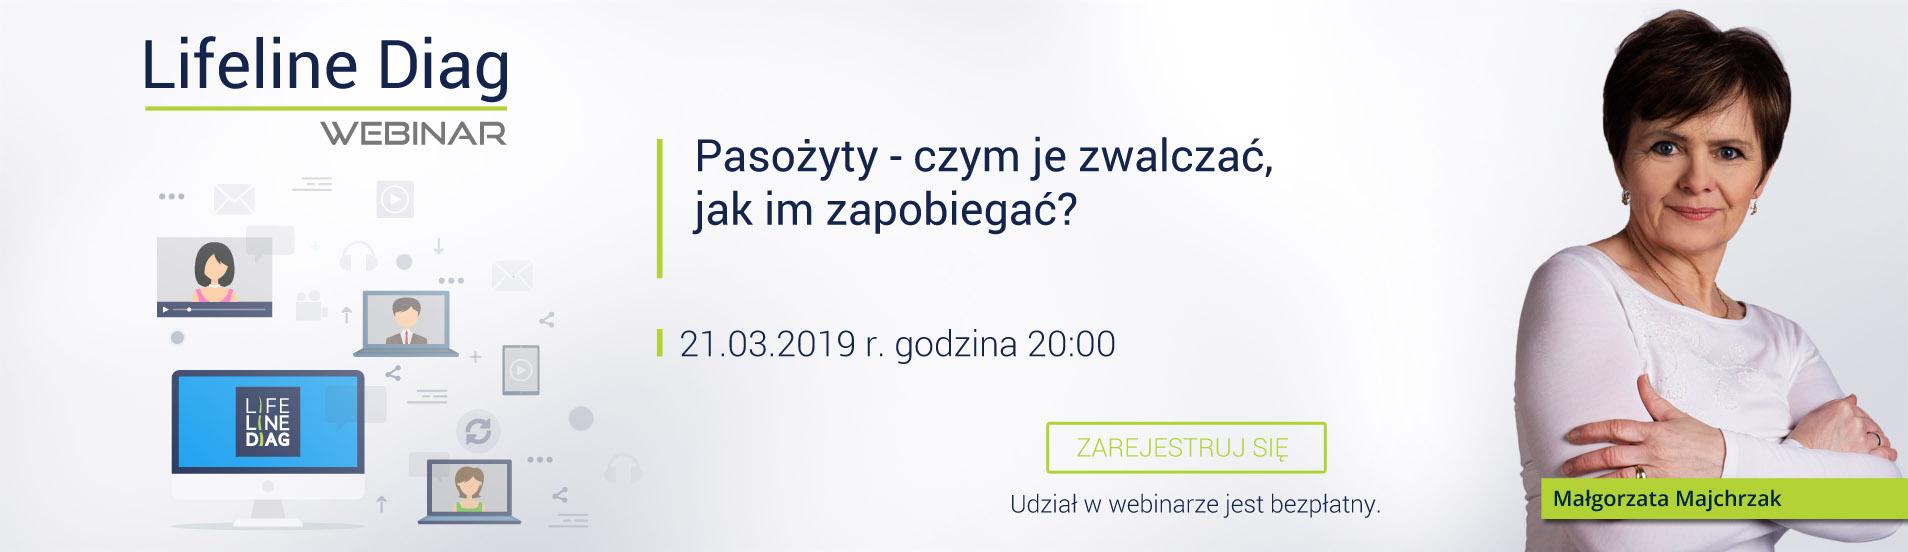 webinar 21.03.2019